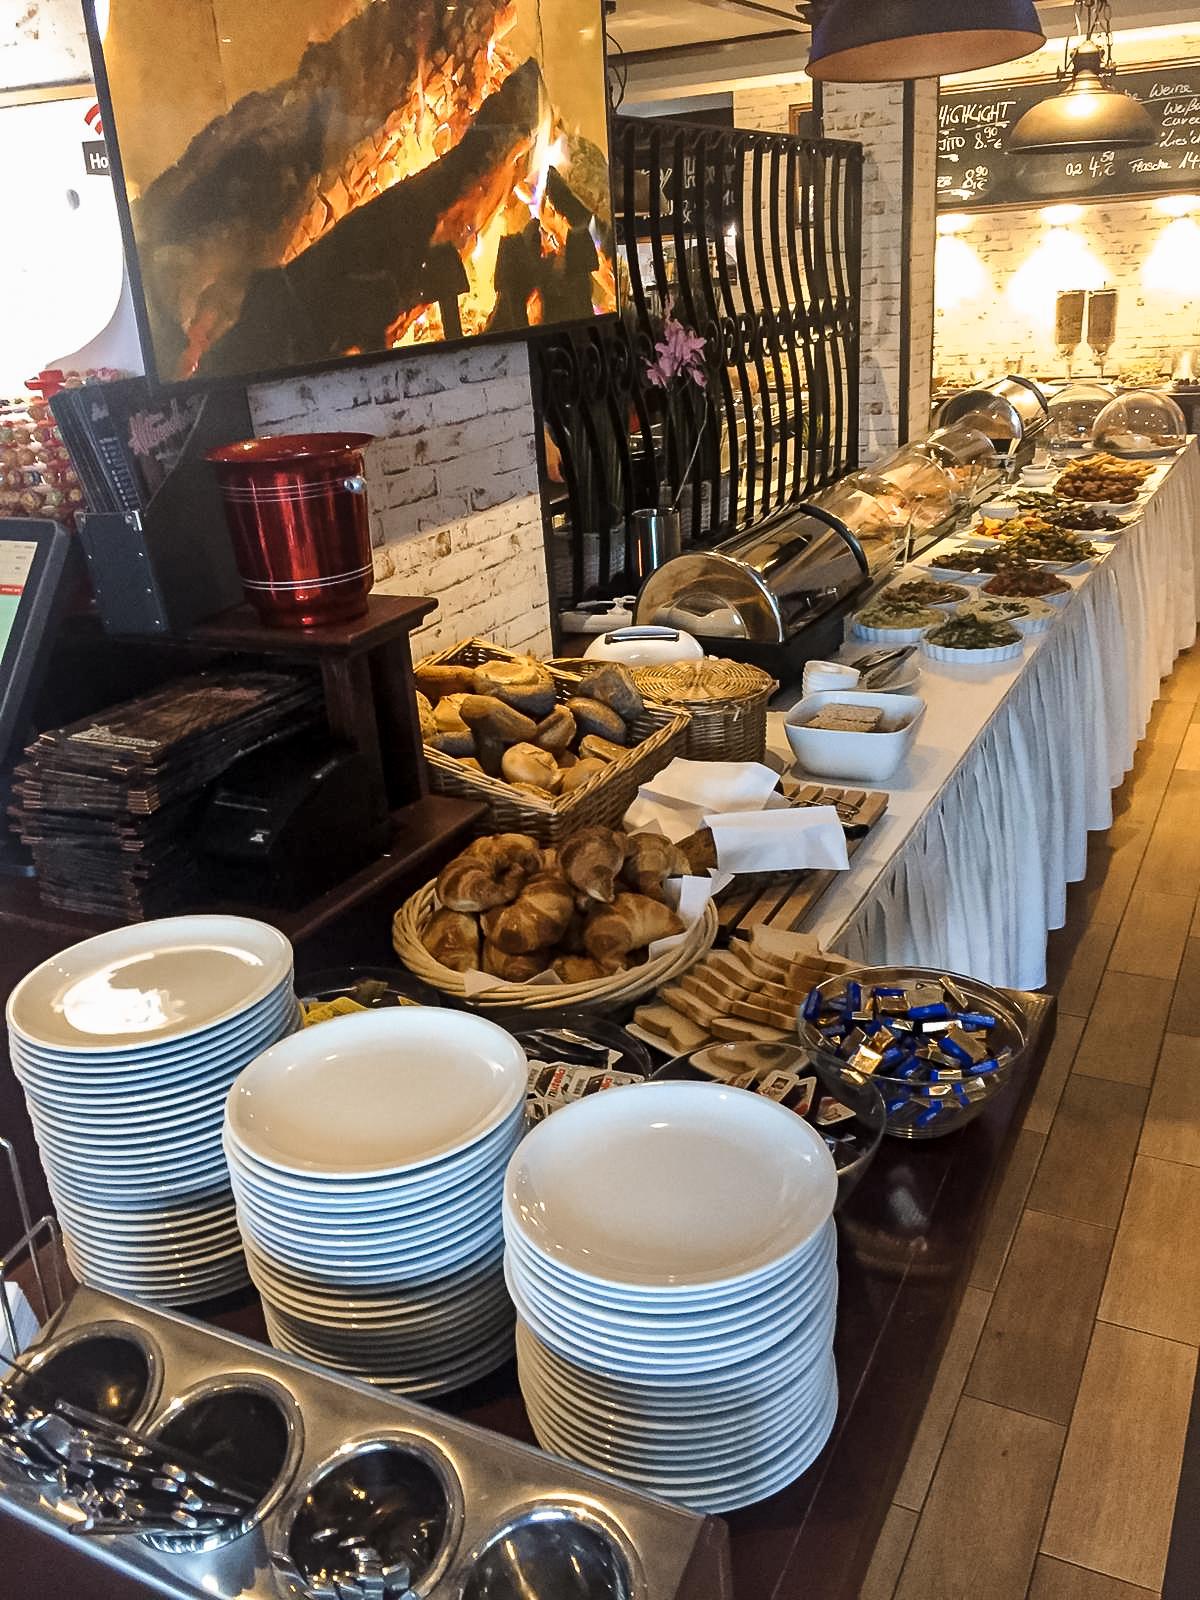 Restaurant-Wedel-Muehlenstein-Burger-Pizza-Brunch-Buffet Überblick